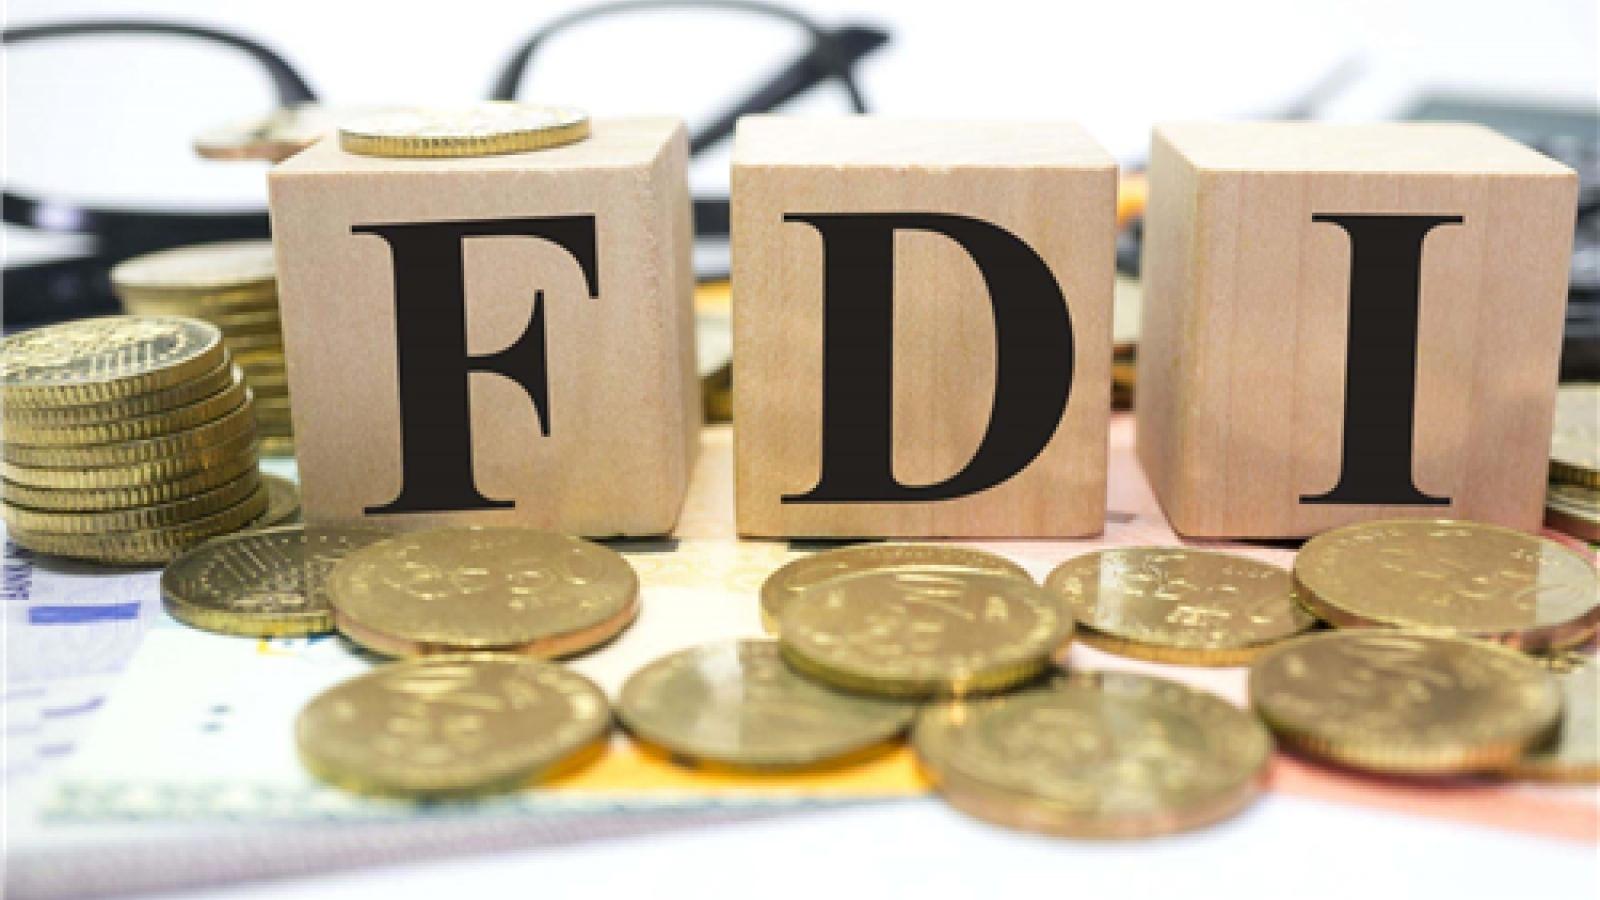 Singapore rót vốn FDI vào Việt Nam nhiều nhất trong 8 tháng qua